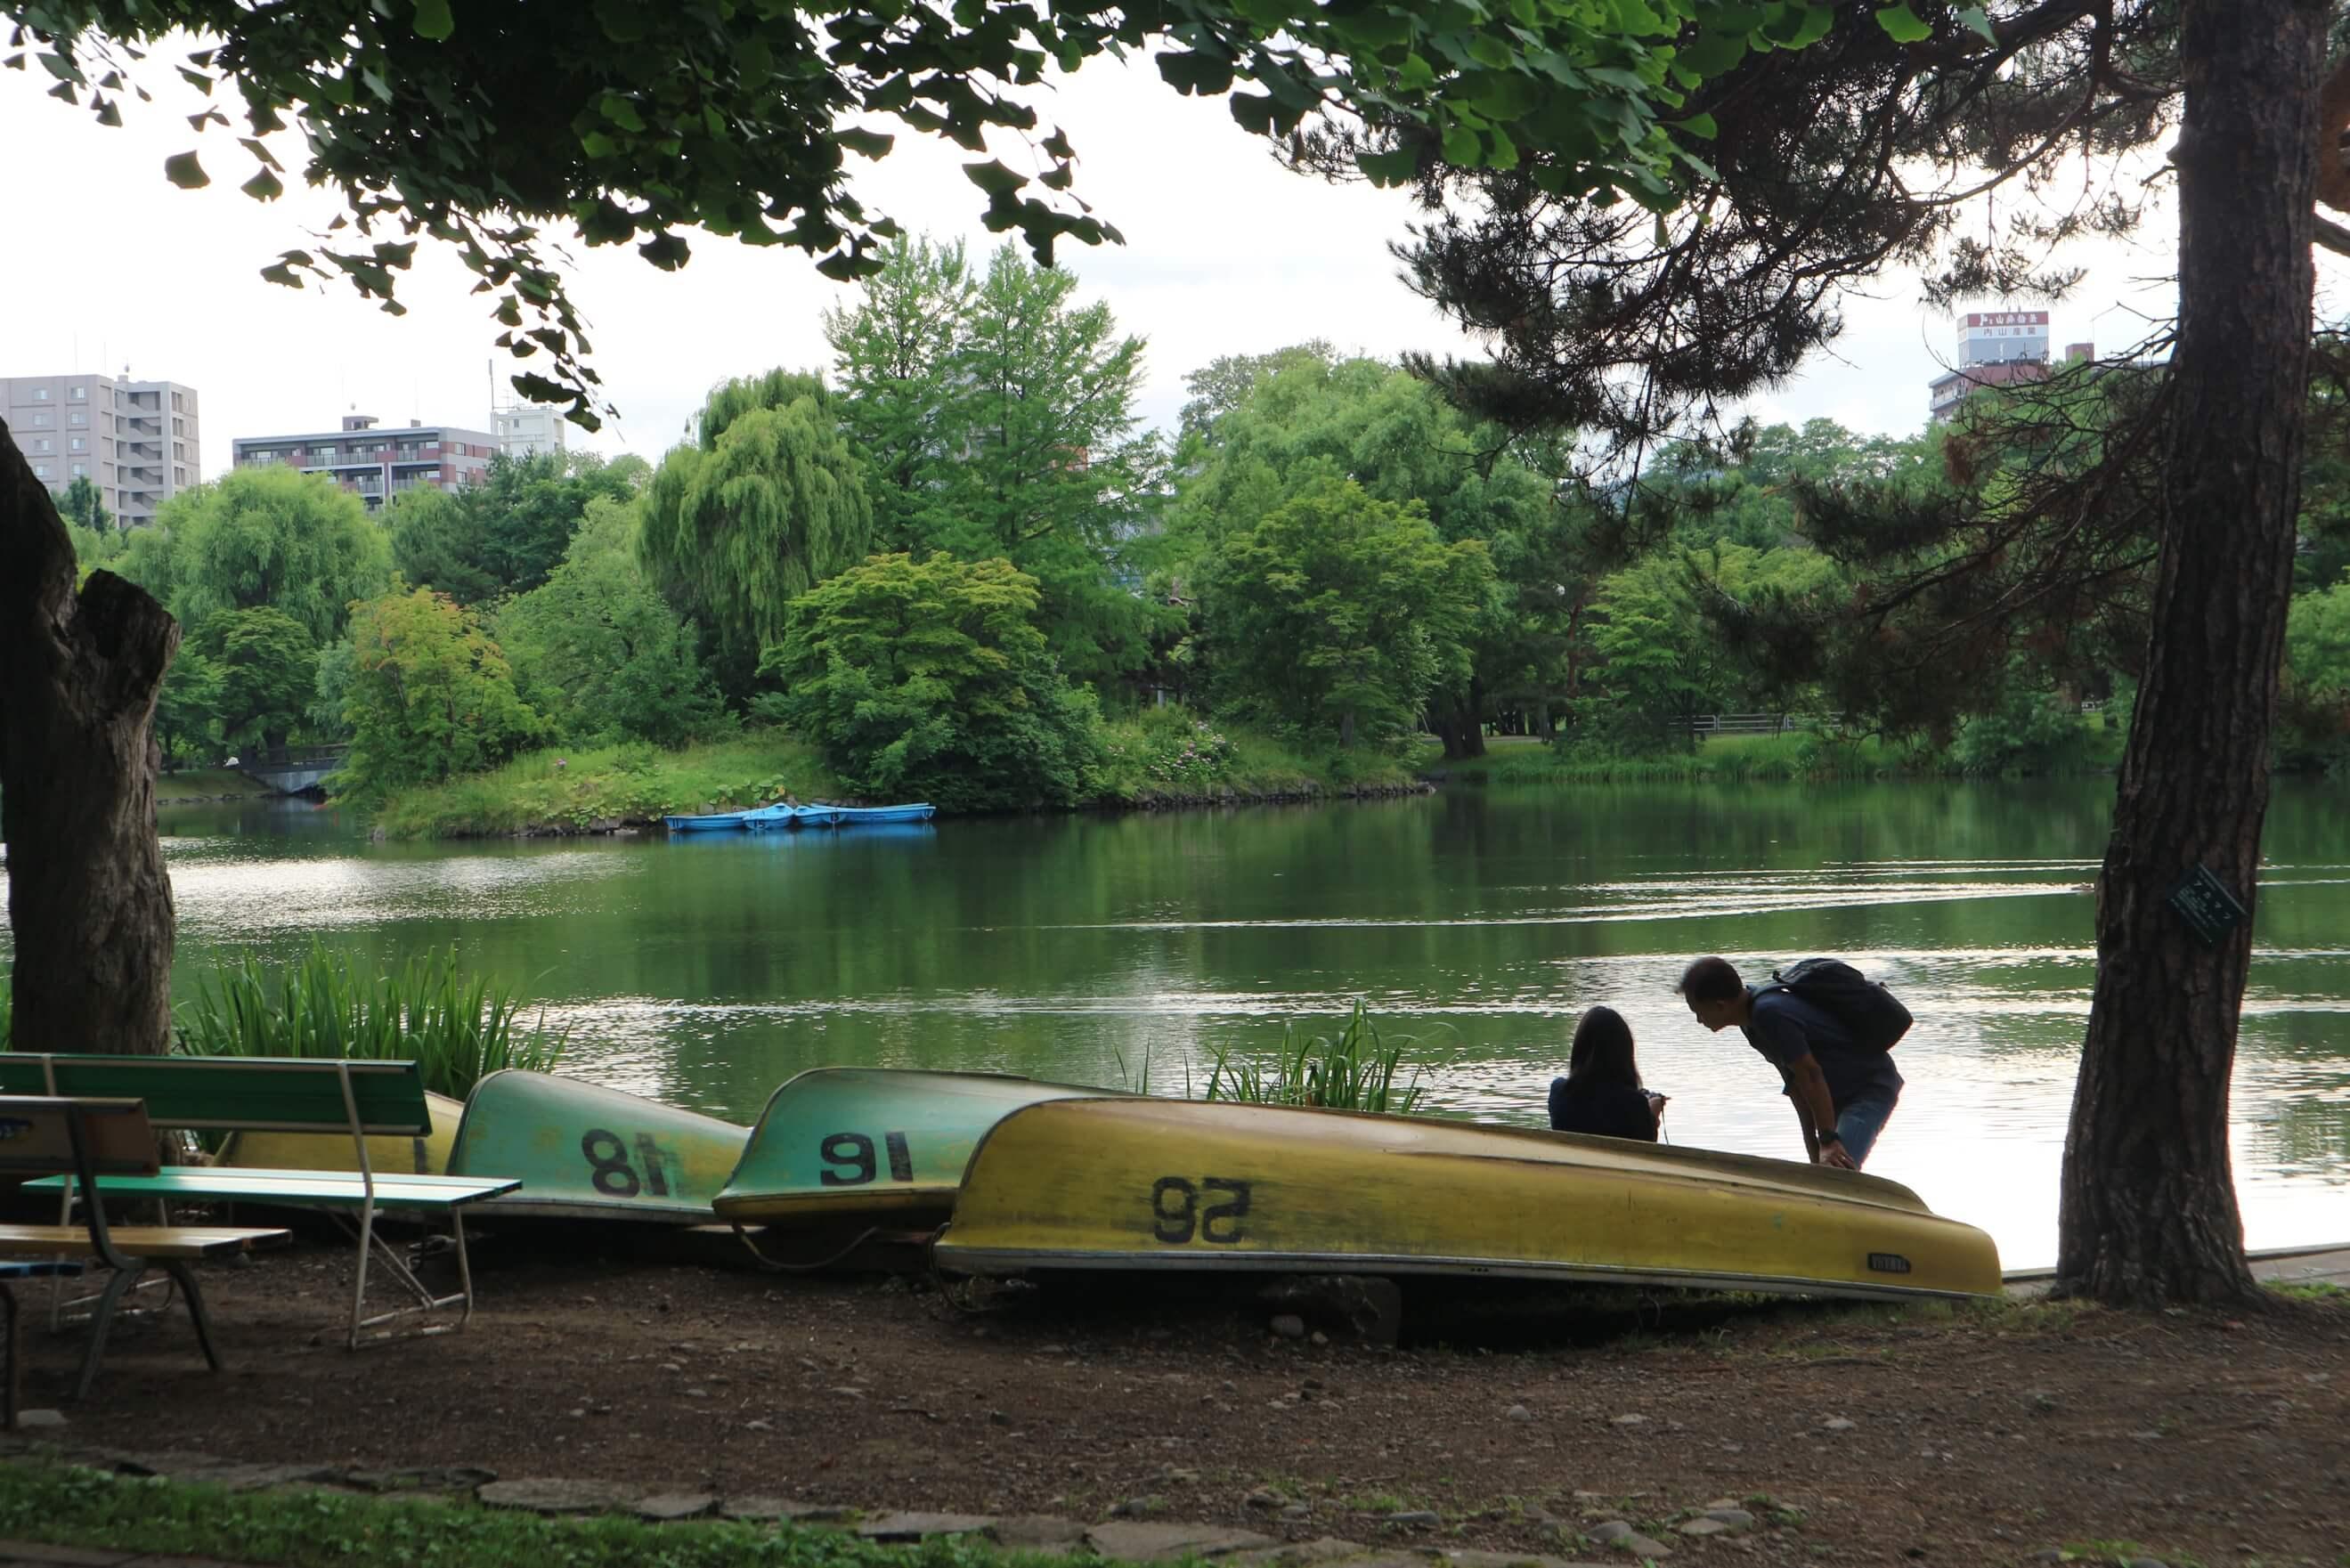 kuzey japonya gezilecek yerler - nakajima park - hokkaido